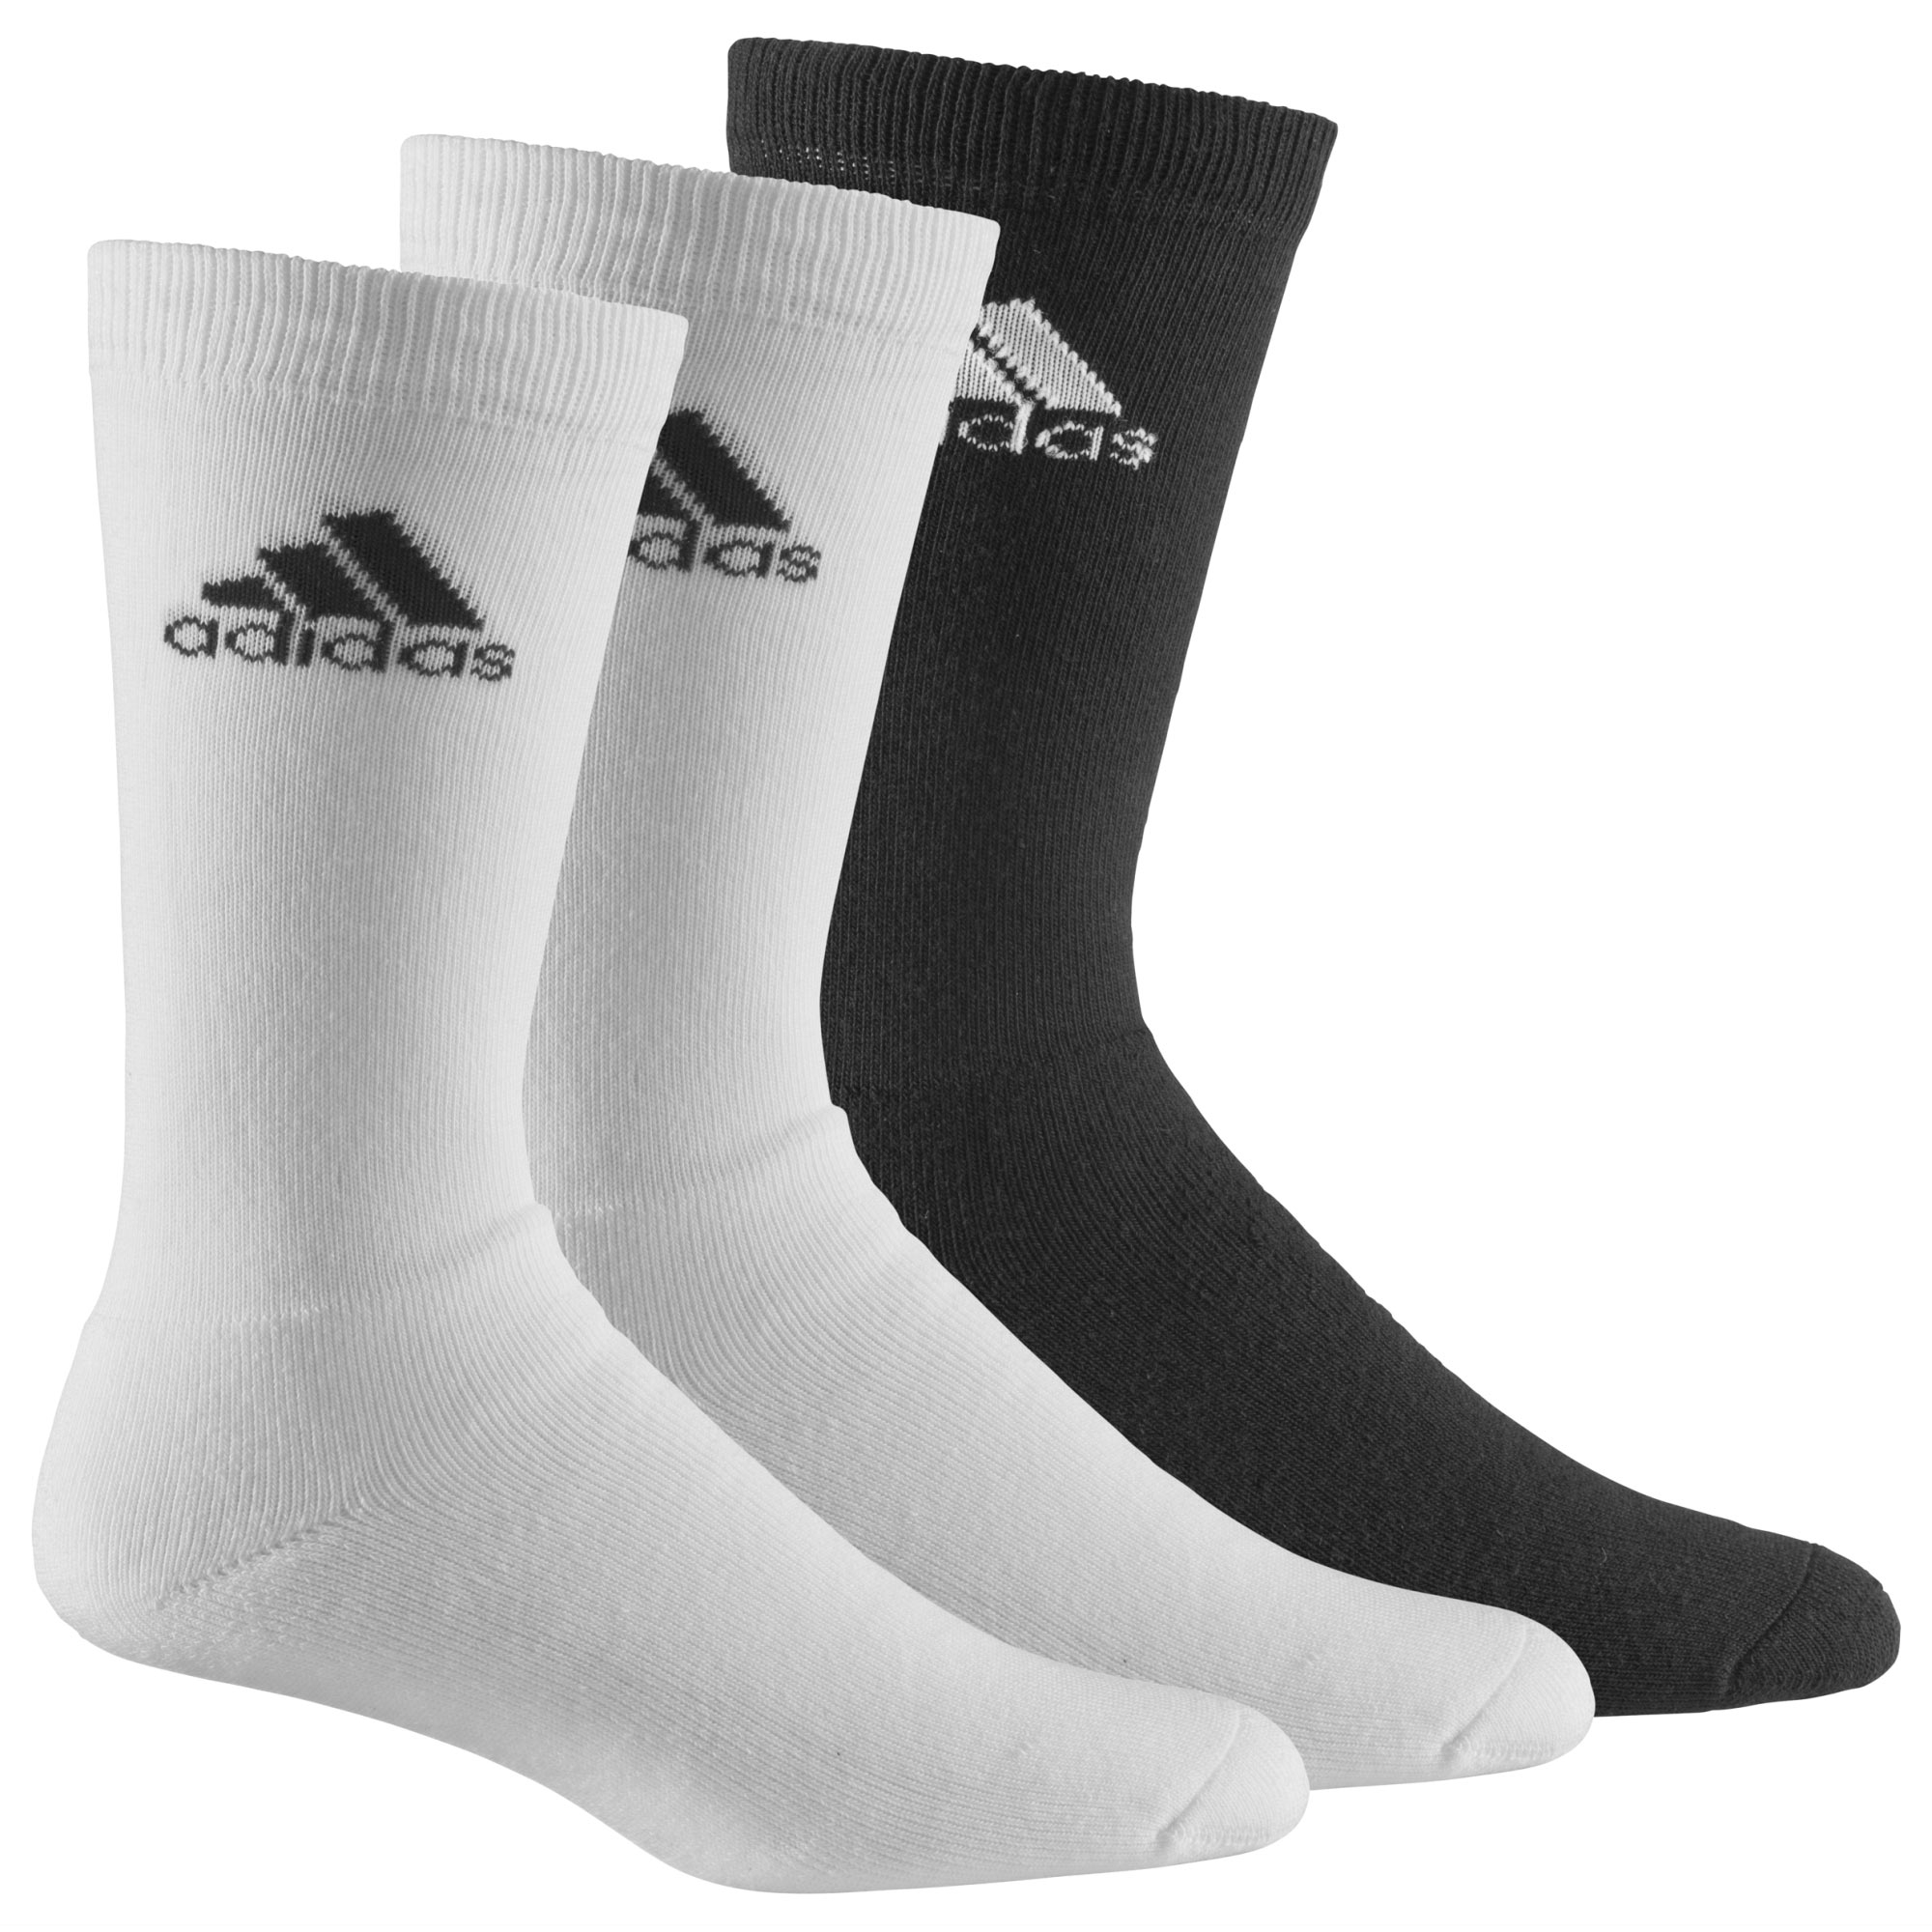 adidas nba sock 3l252 199orap g89558 barcincom